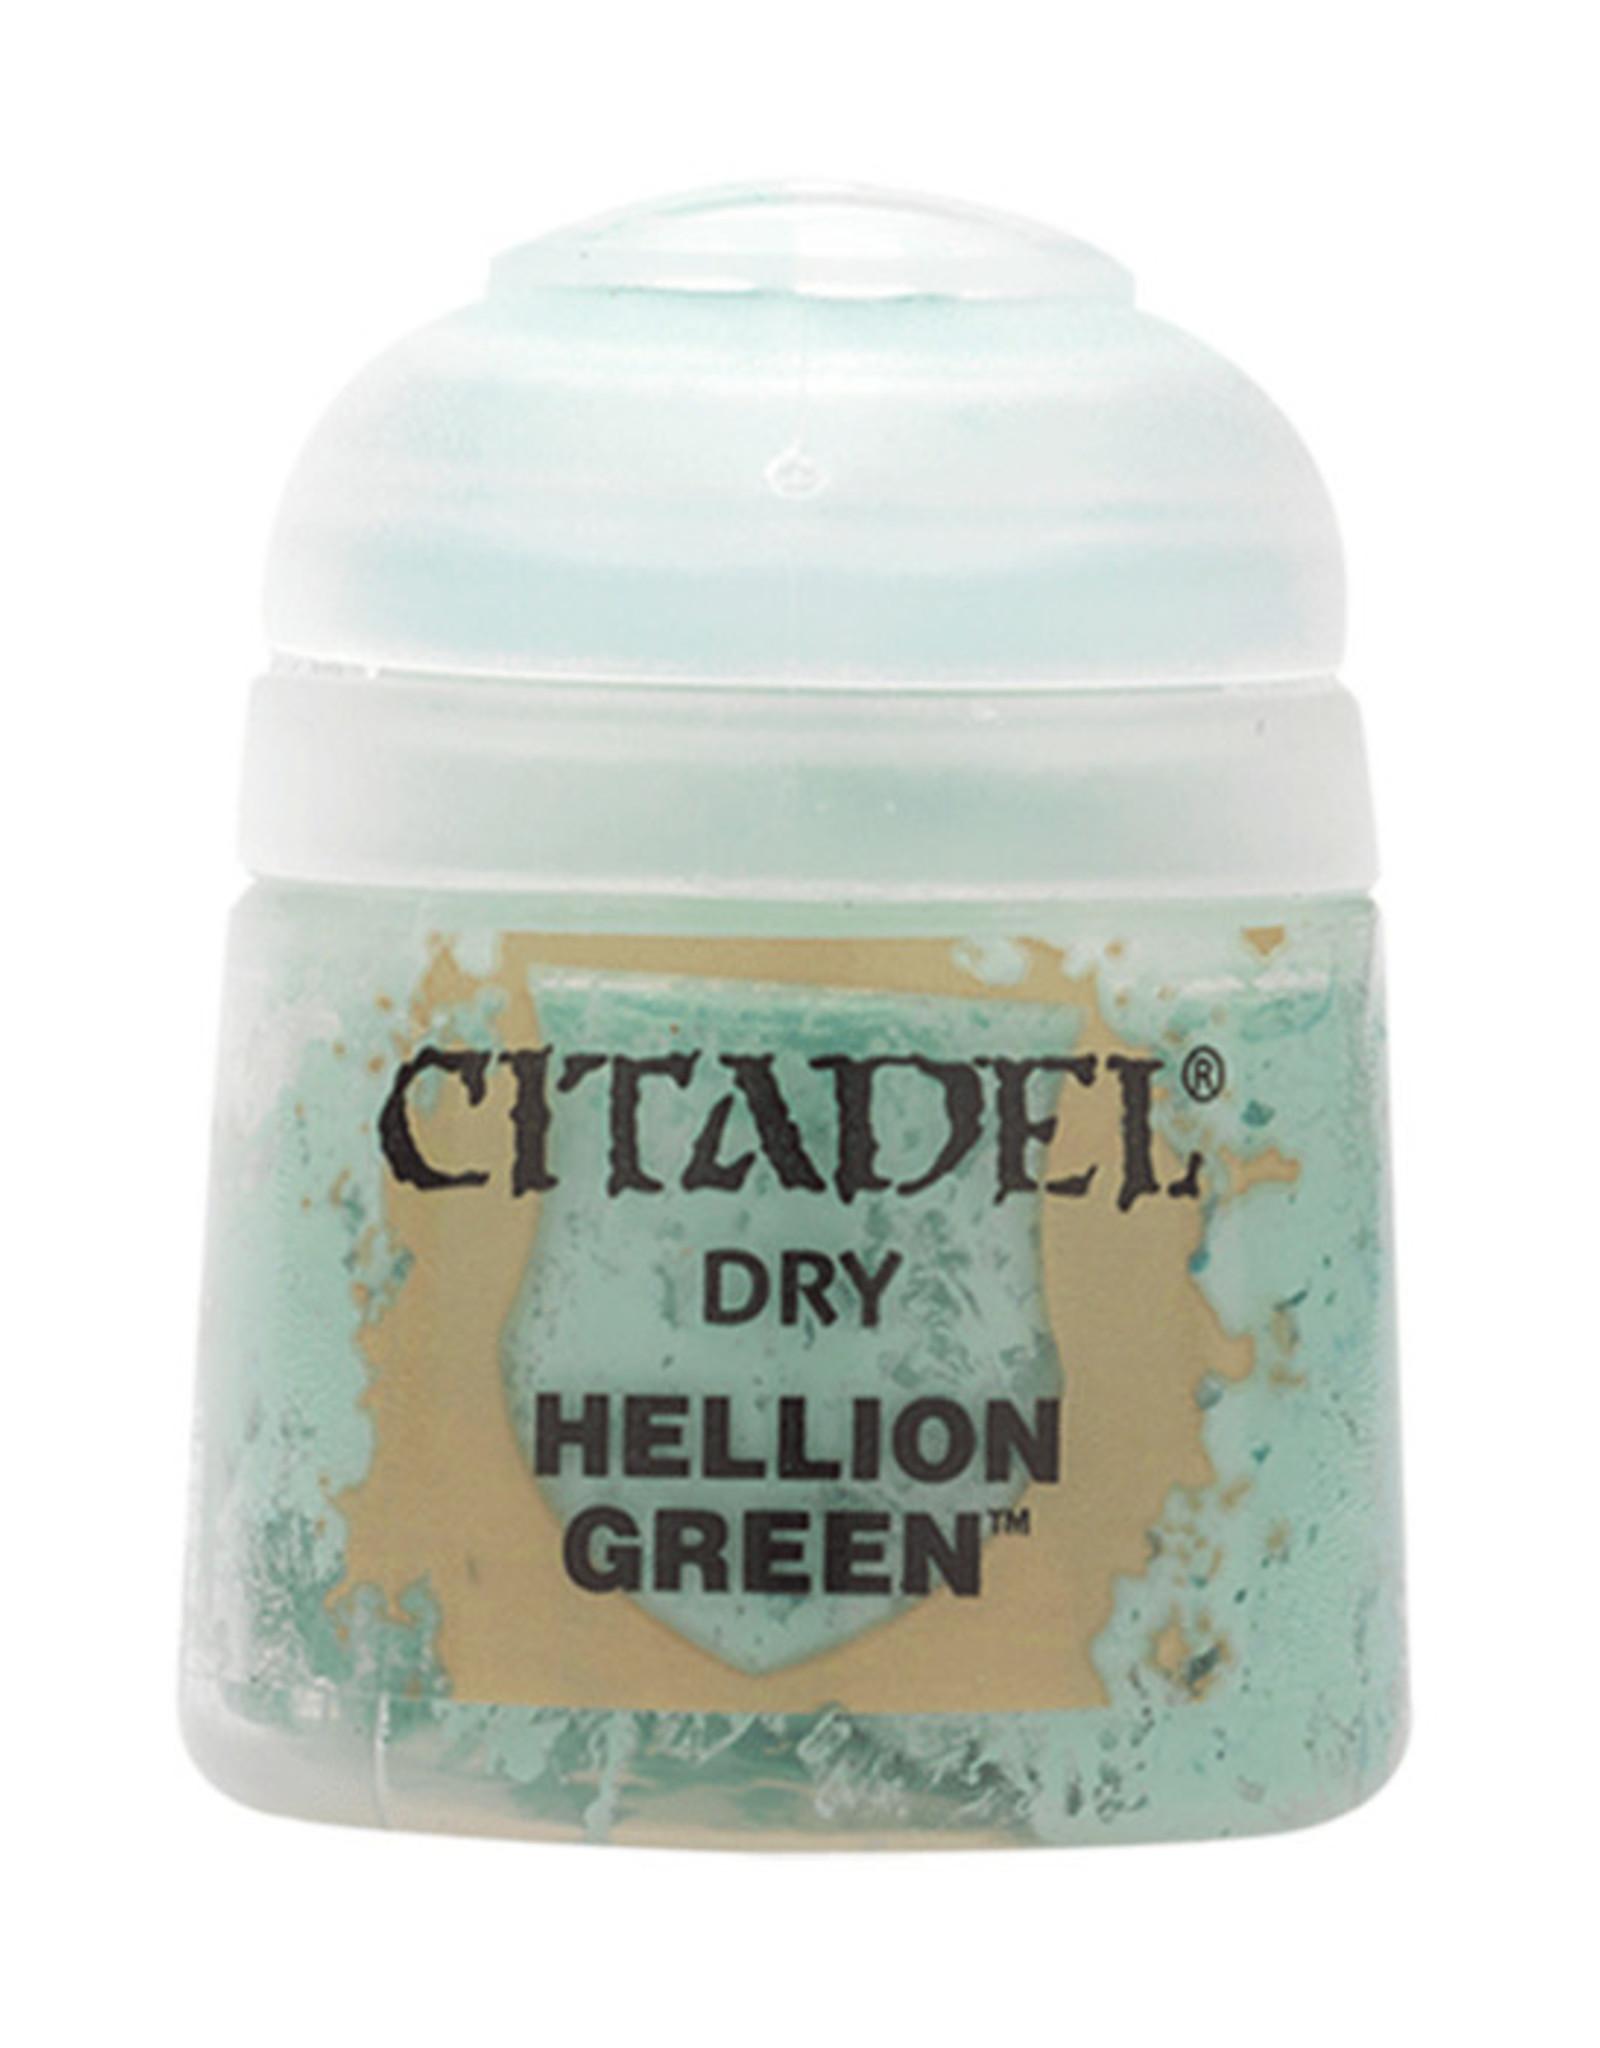 Citadel Citadel Colour: Dry - Hellion Green